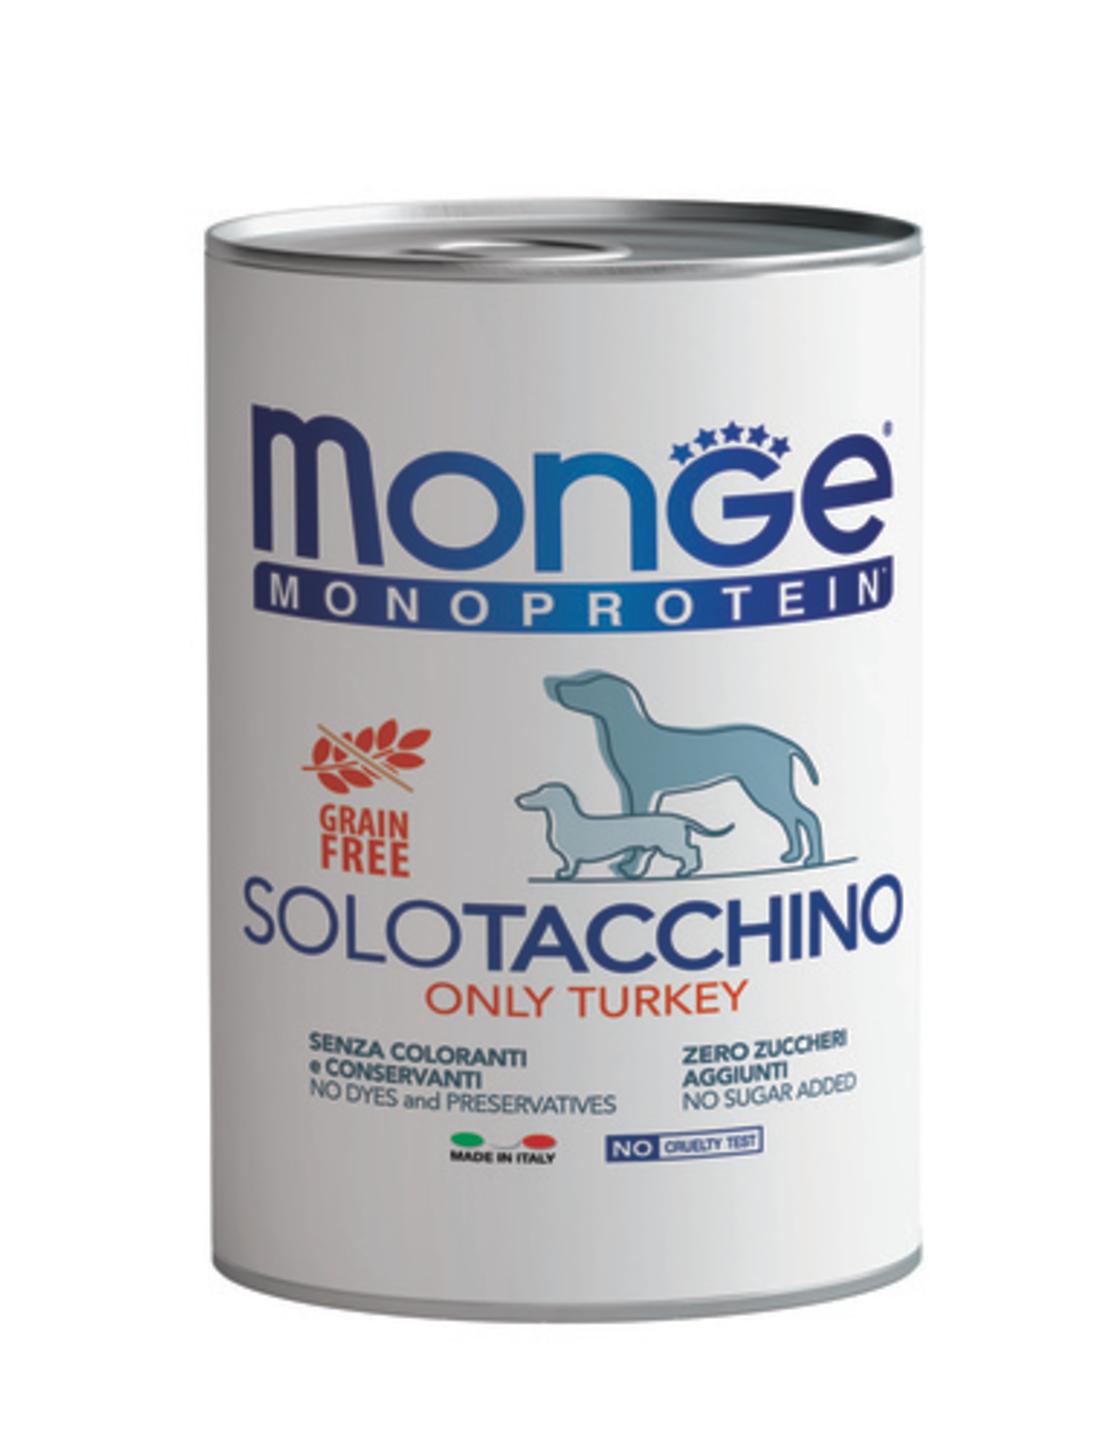 MONGE מונג' מזון רטוב לכלבים בפחית שימורים מונו פרוטאין בטעמים: כבש / ברווז / טונה / הודו 400 גרם